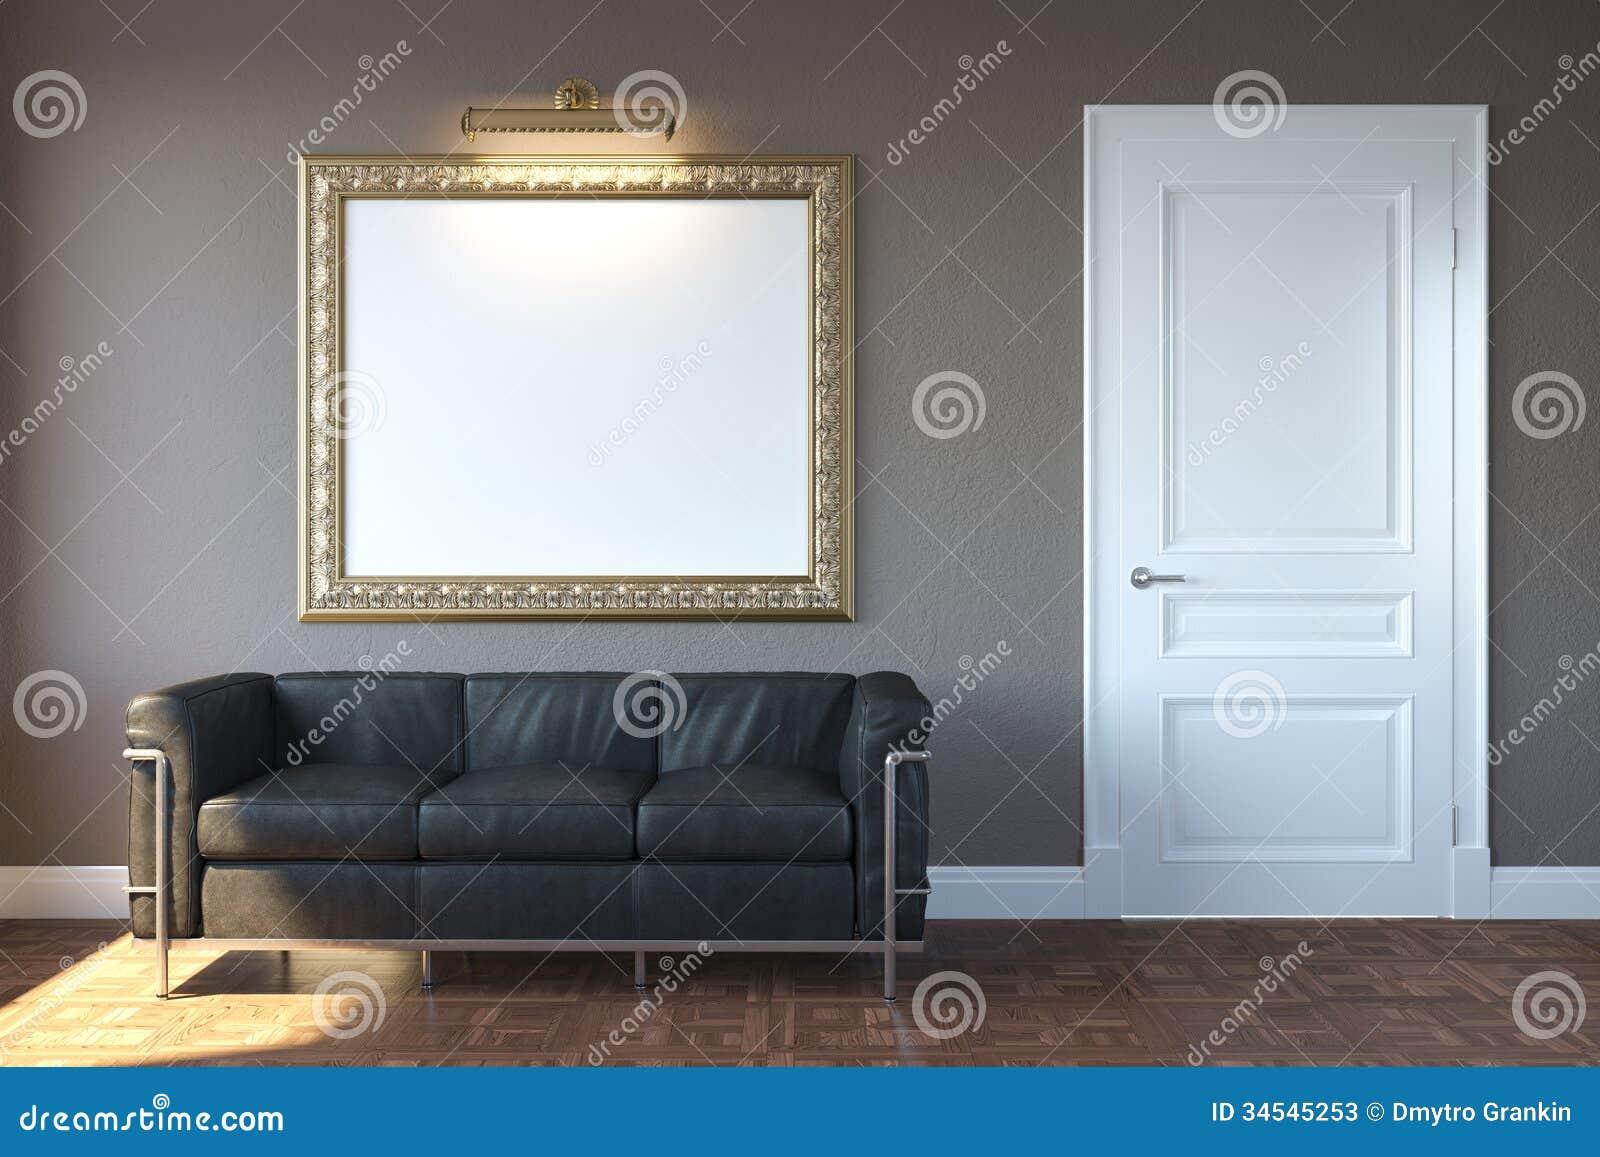 Nieuwe moderne woonkamer met sofa and frame stock foto 39 s afbeelding 34545253 - Fotos van moderne woonkamer ...